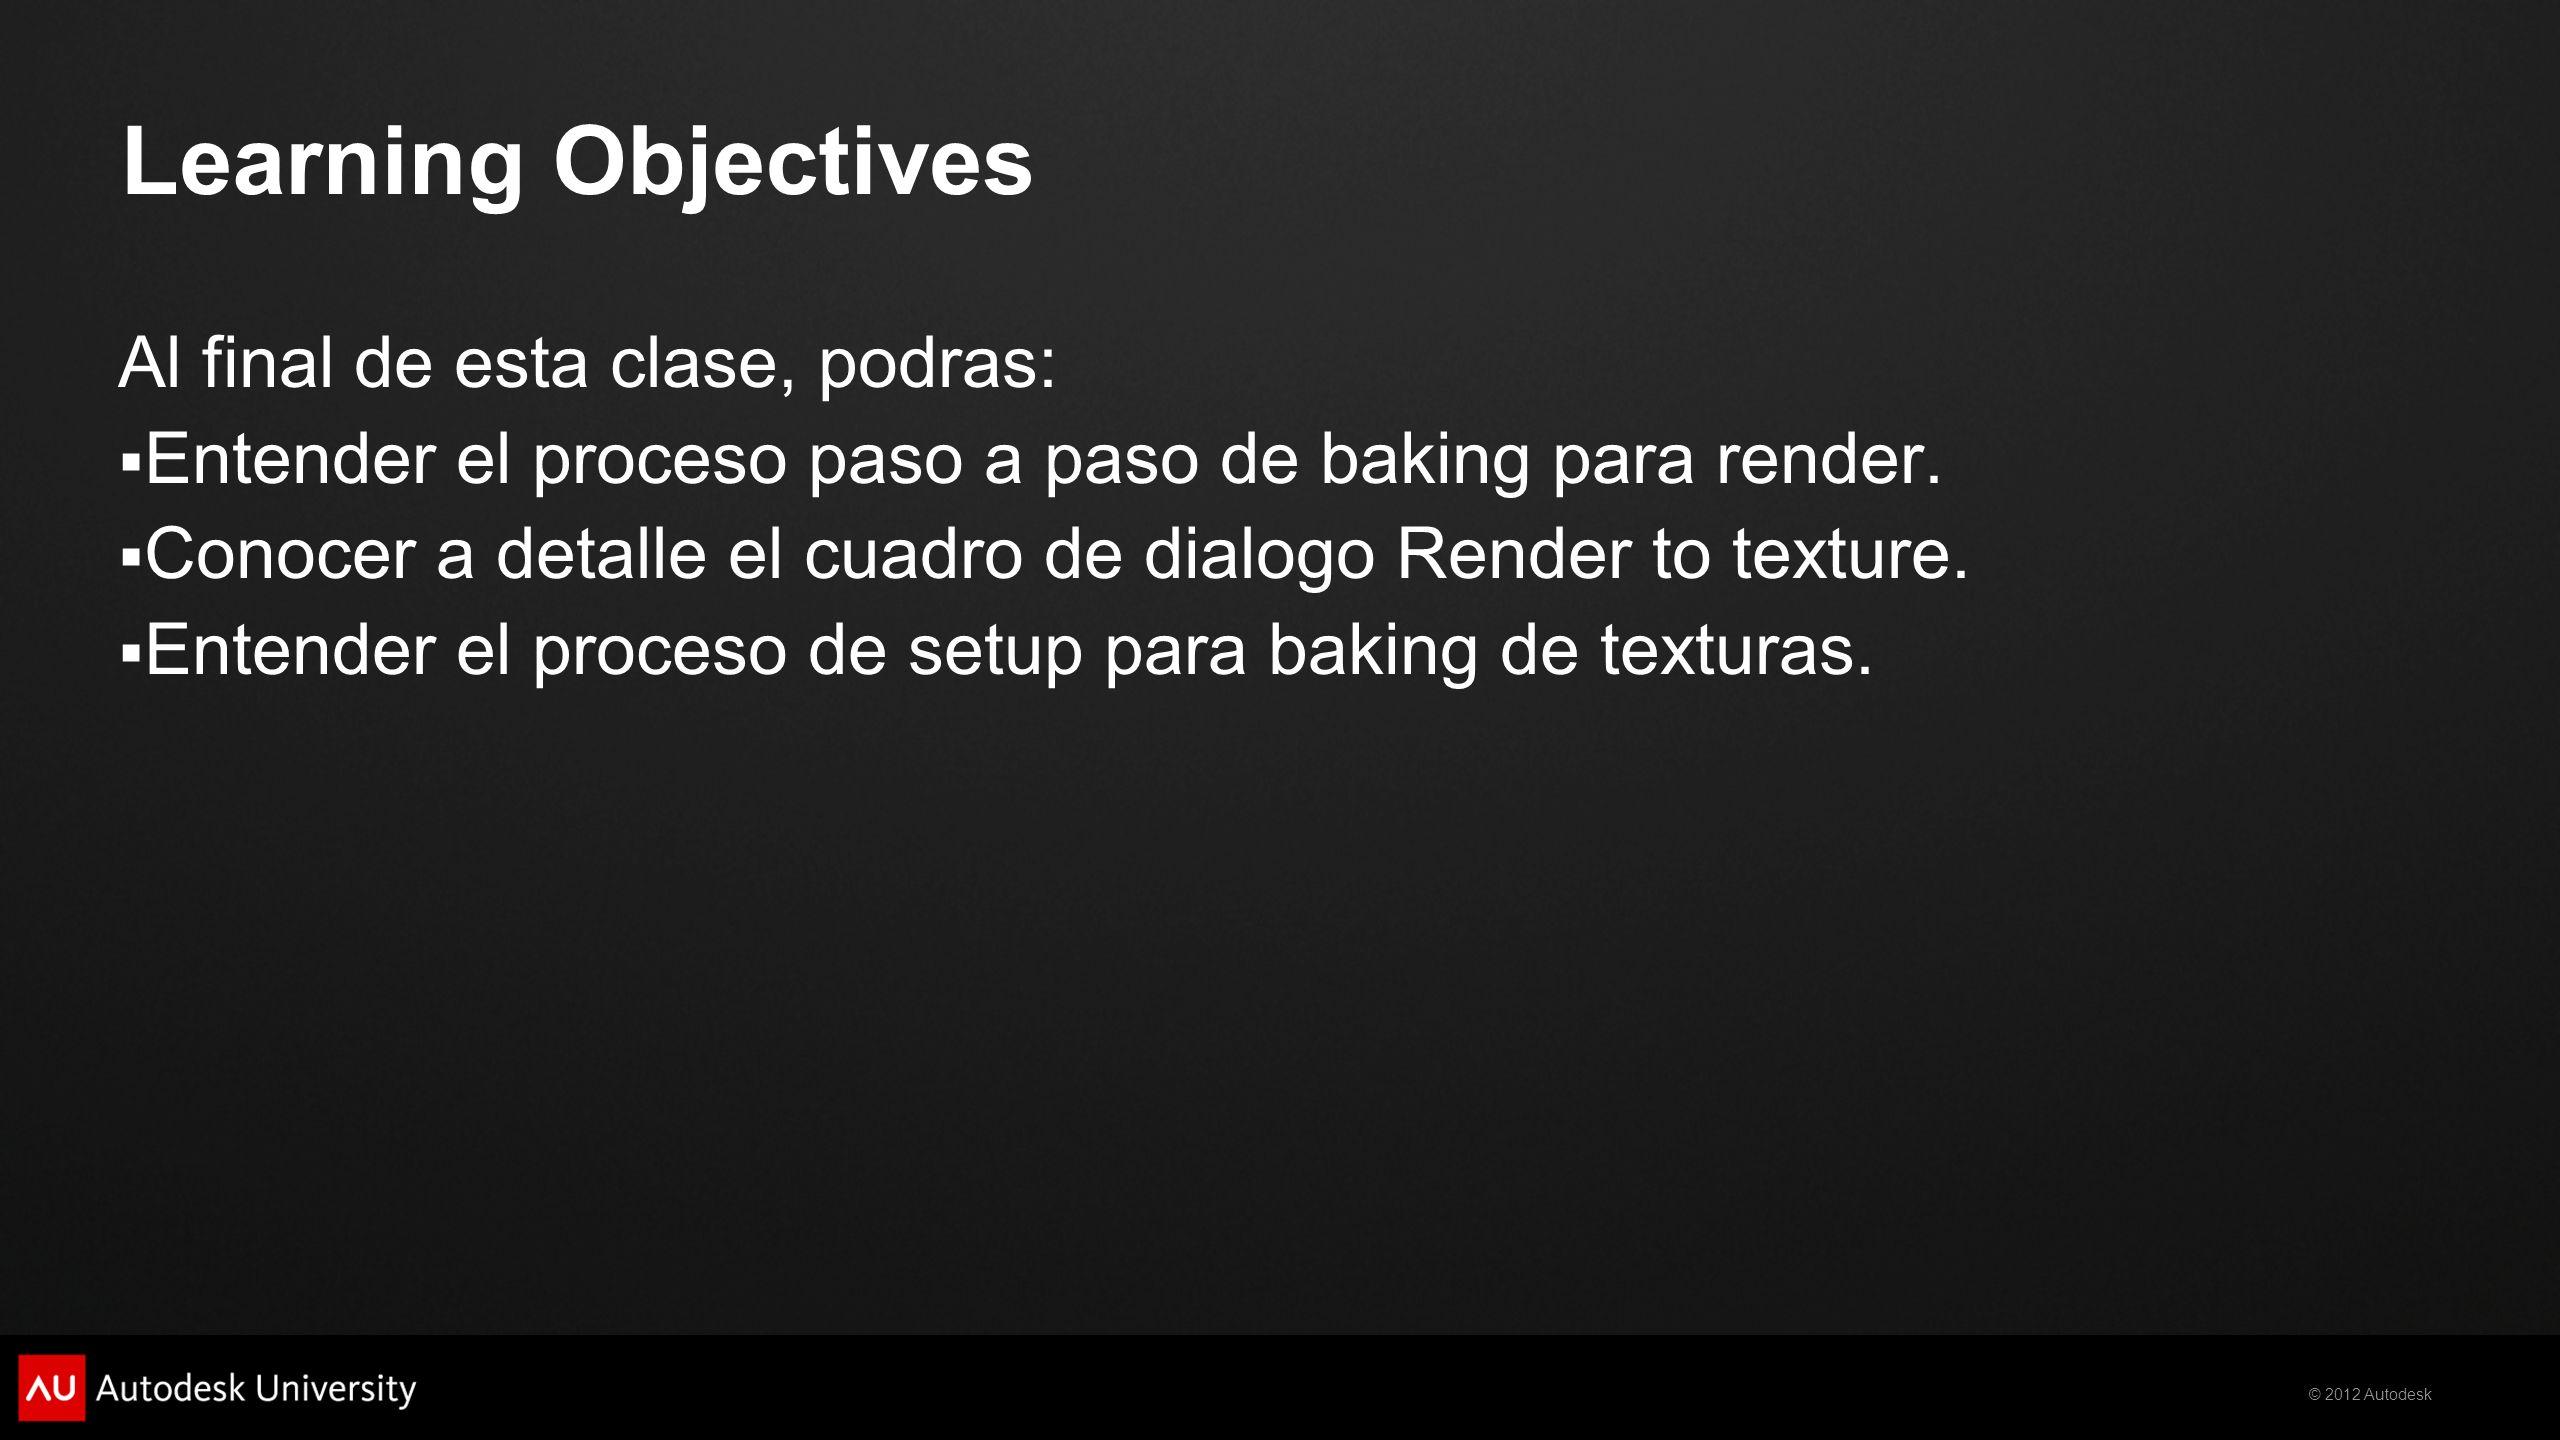 © 2012 Autodesk Learning Objectives Al final de esta clase, podras: Entender el proceso paso a paso de baking para render. Conocer a detalle el cuadro